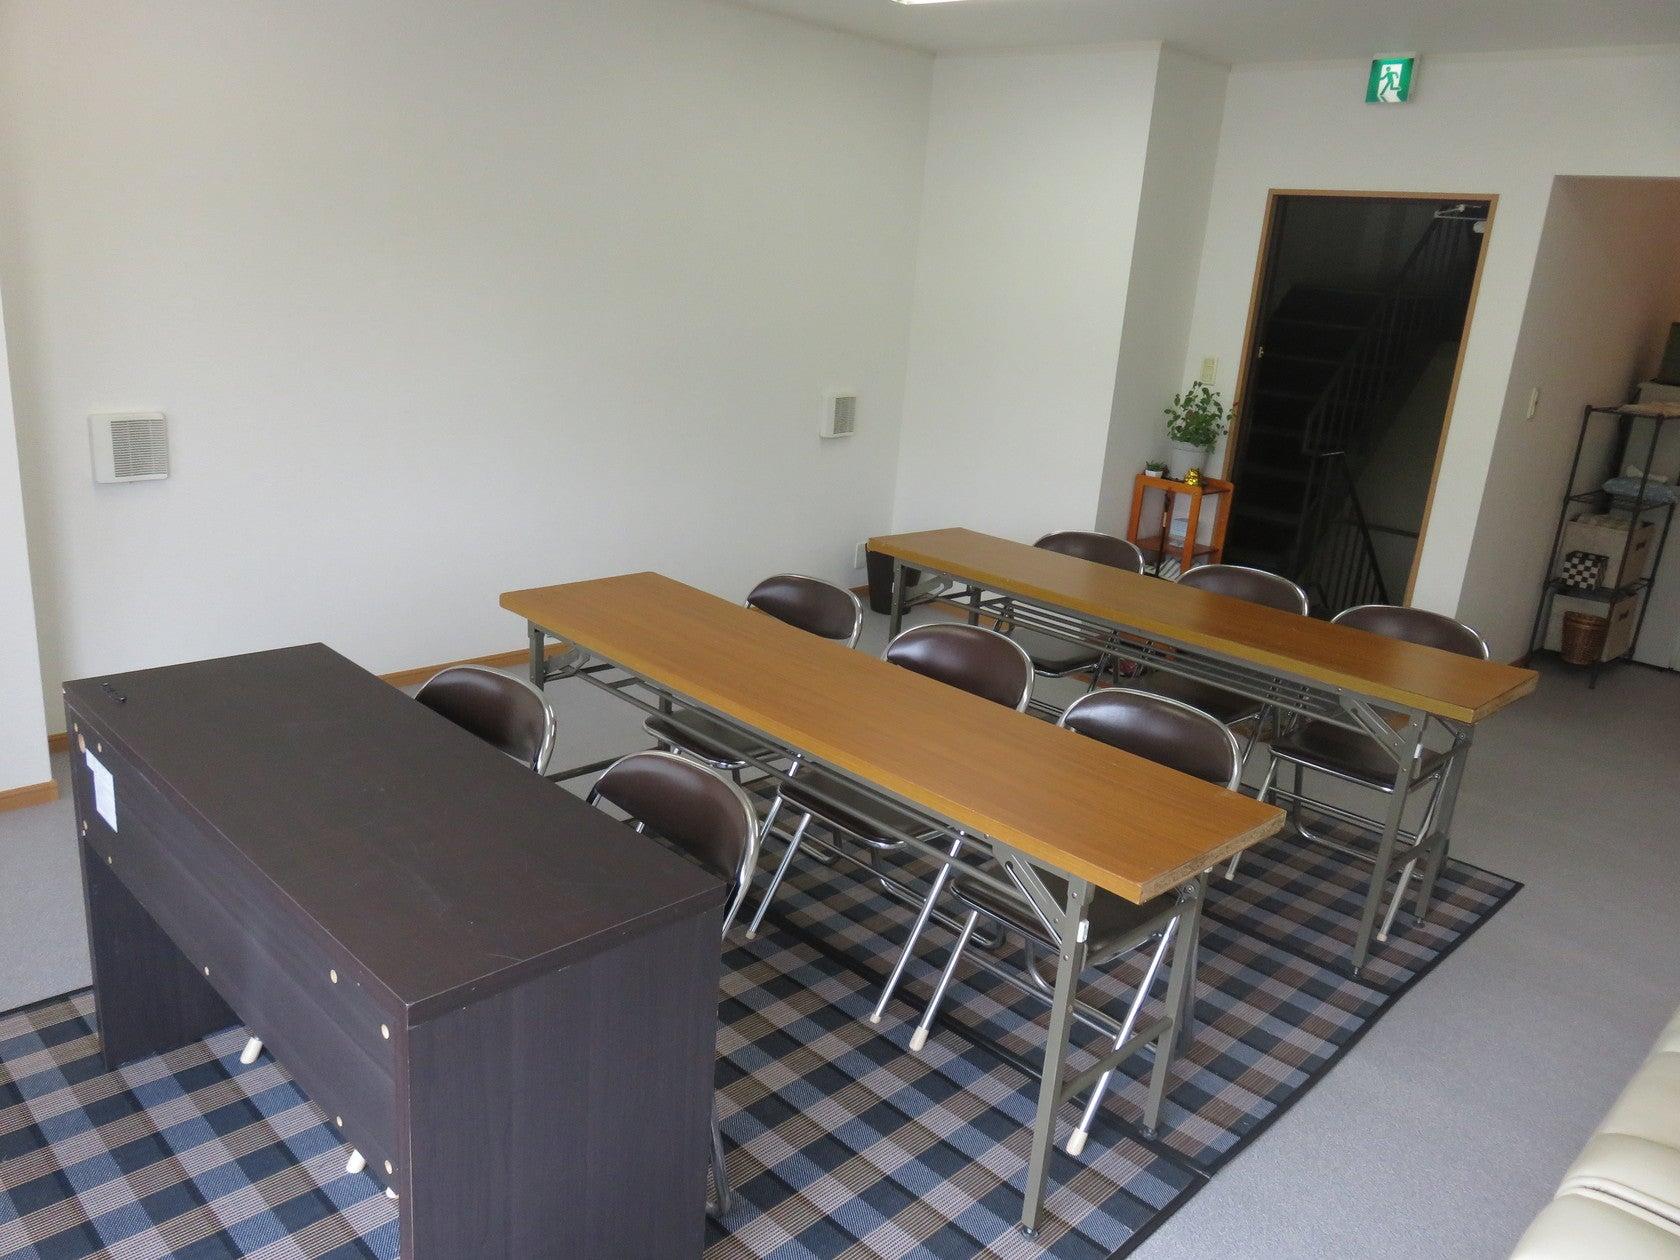 駅近!清水五条駅から徒歩約1分 イベント・教室・京都観光時のご休憩場所として大変便利です。お子様も大歓迎です。  のサムネイル